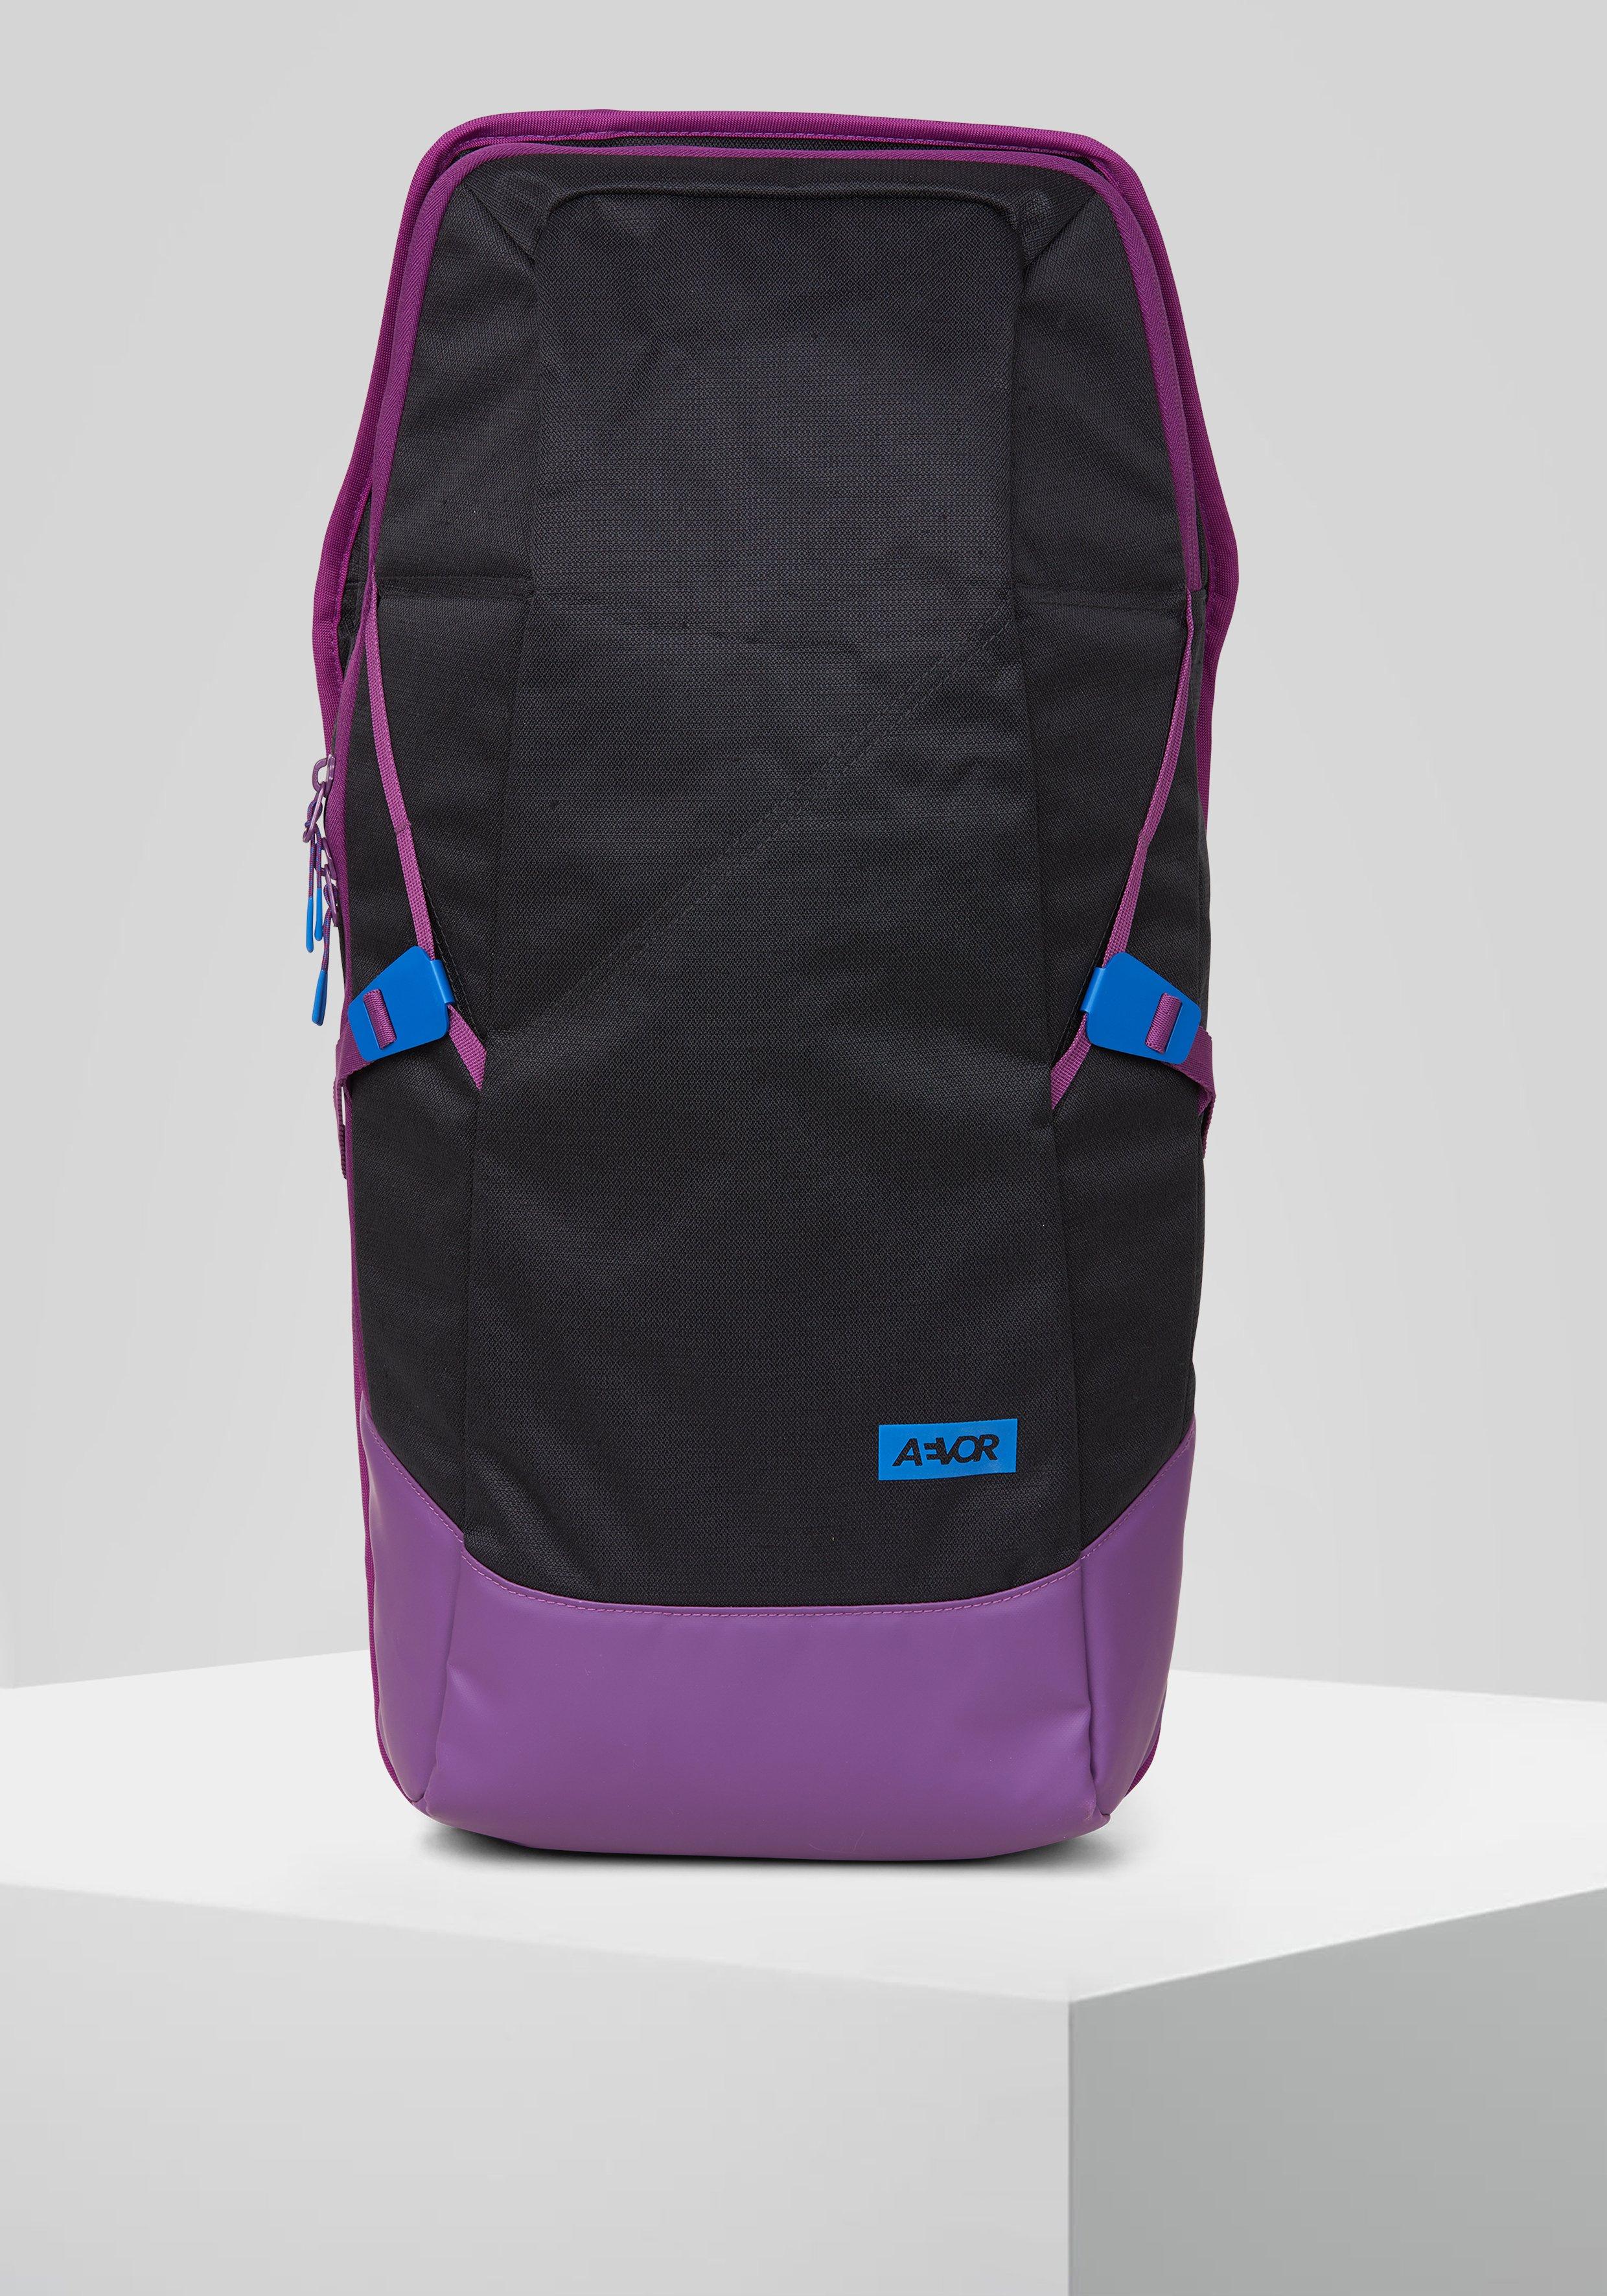 AEVOR Tagesrucksack - purple/lila - Herrentaschen bfNde